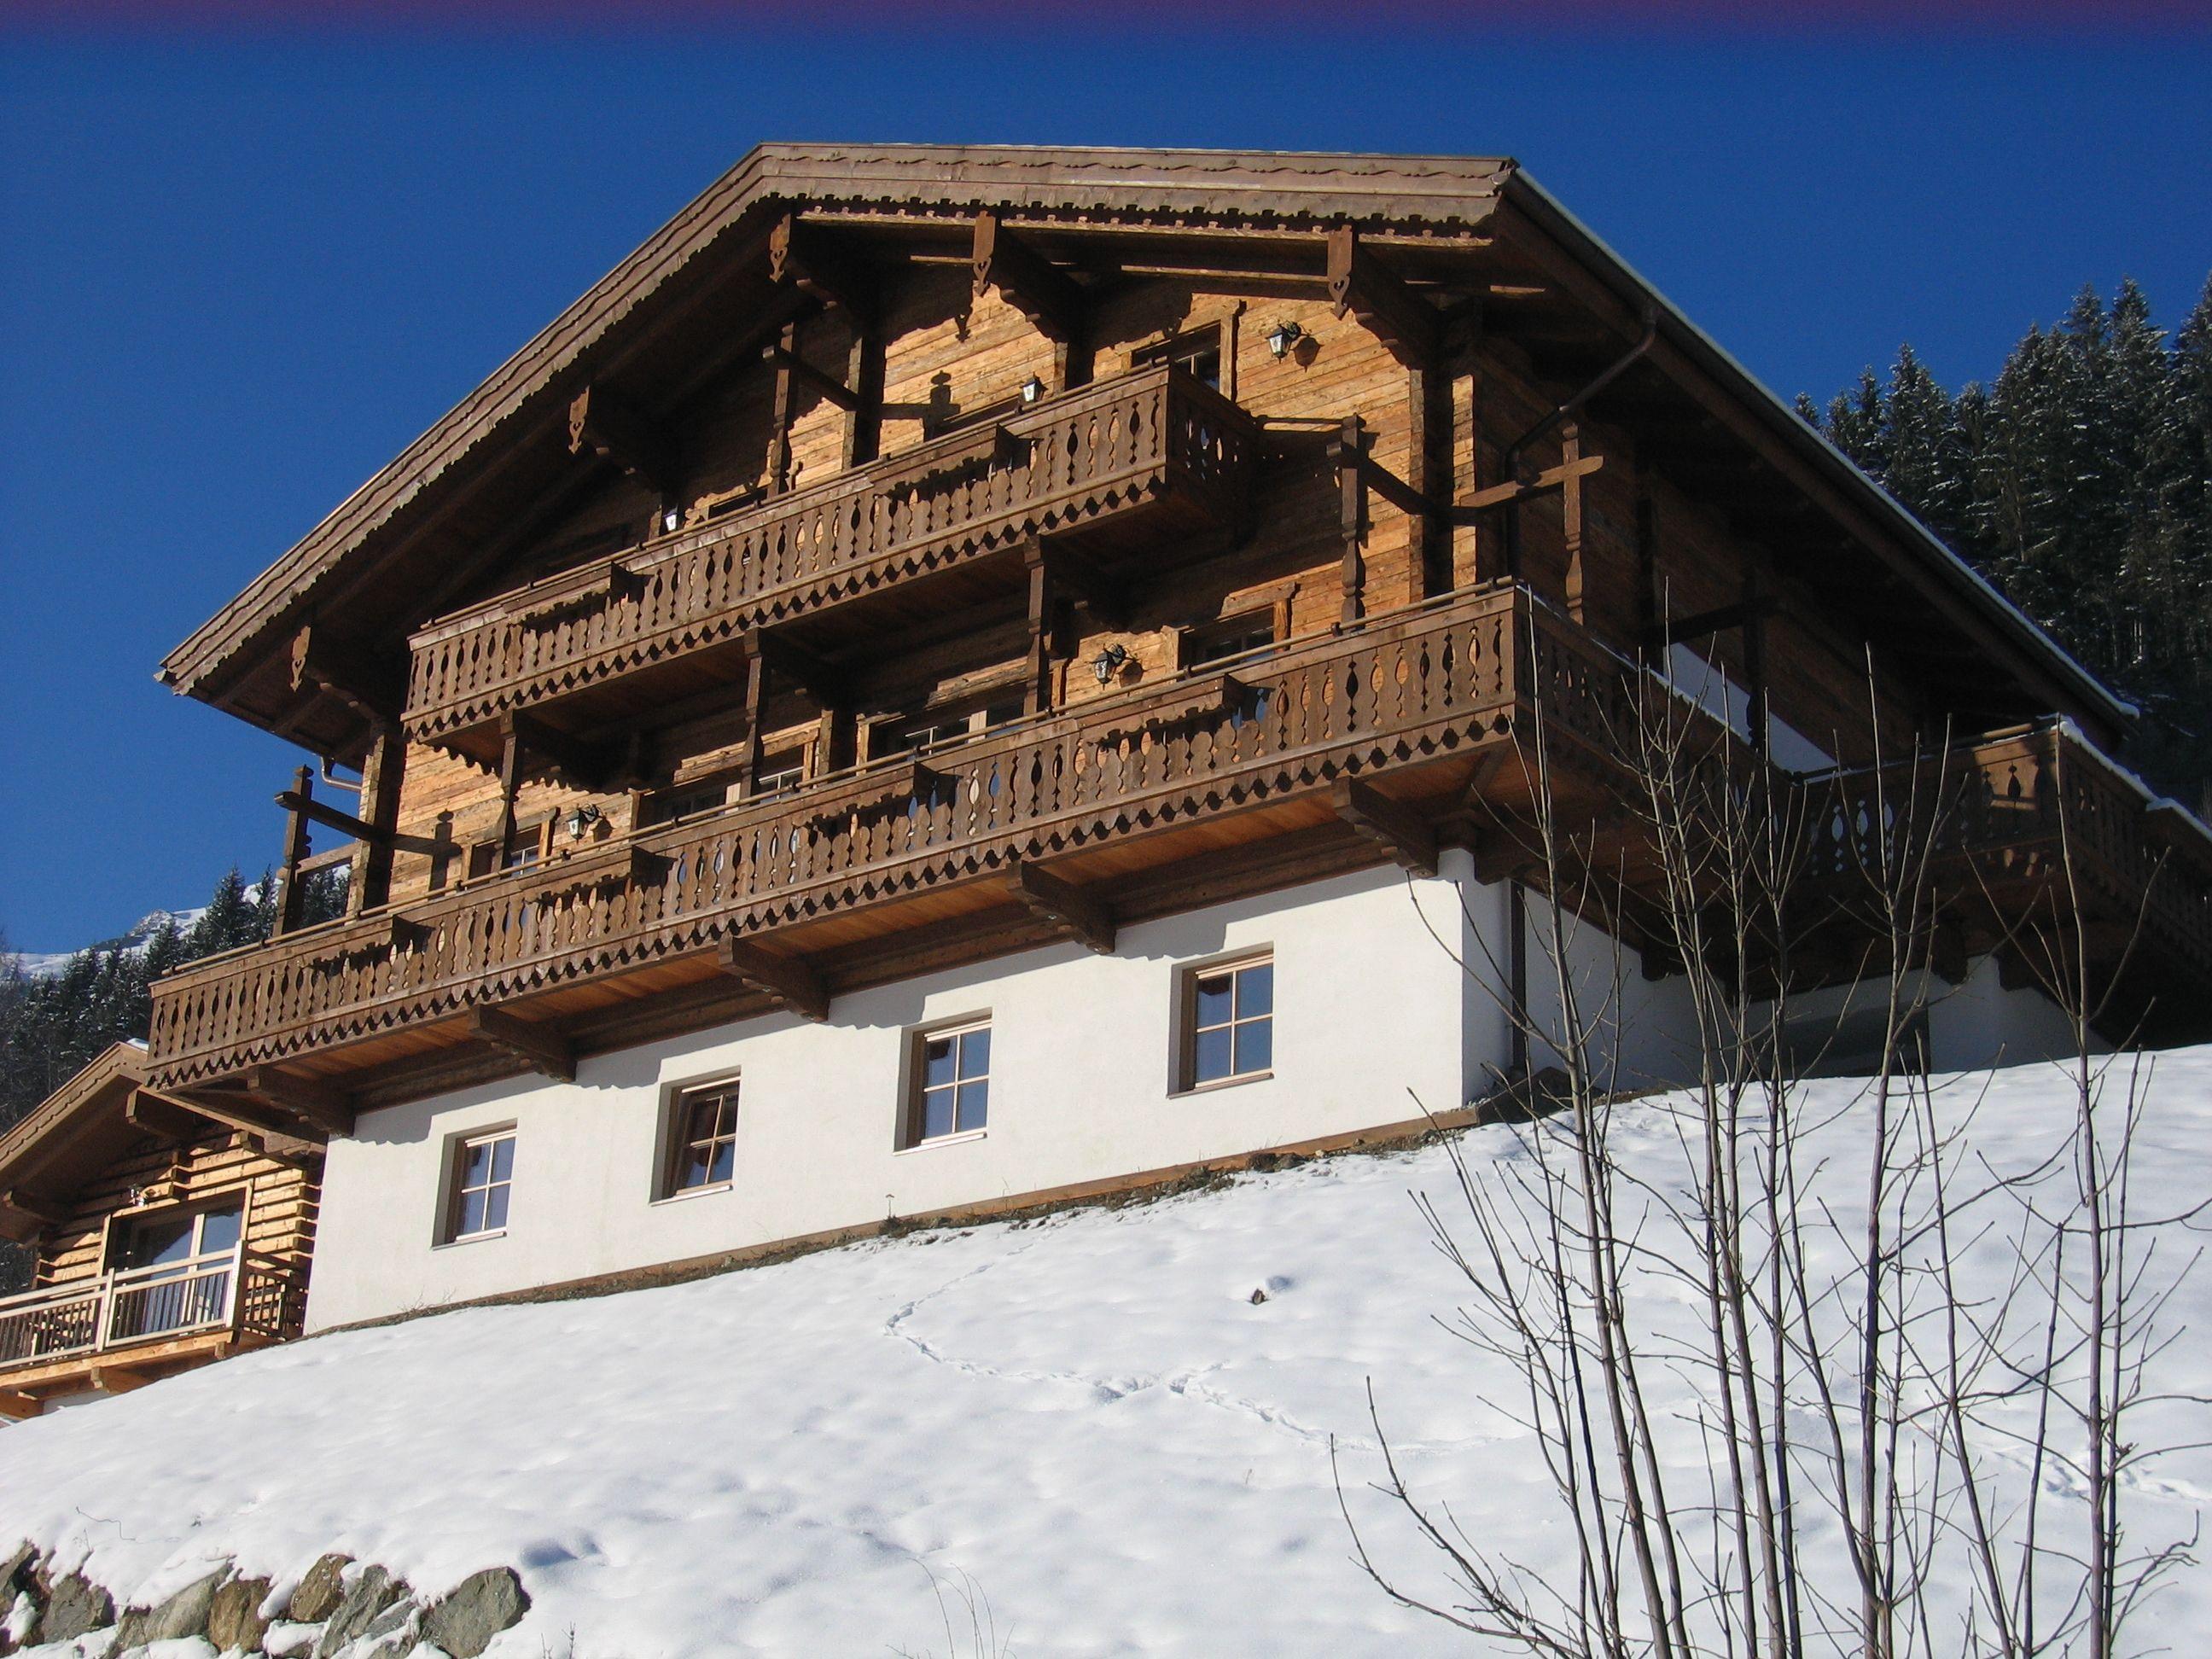 Chalet Schöneben Bauernhaus met sauna - 20-24 personen